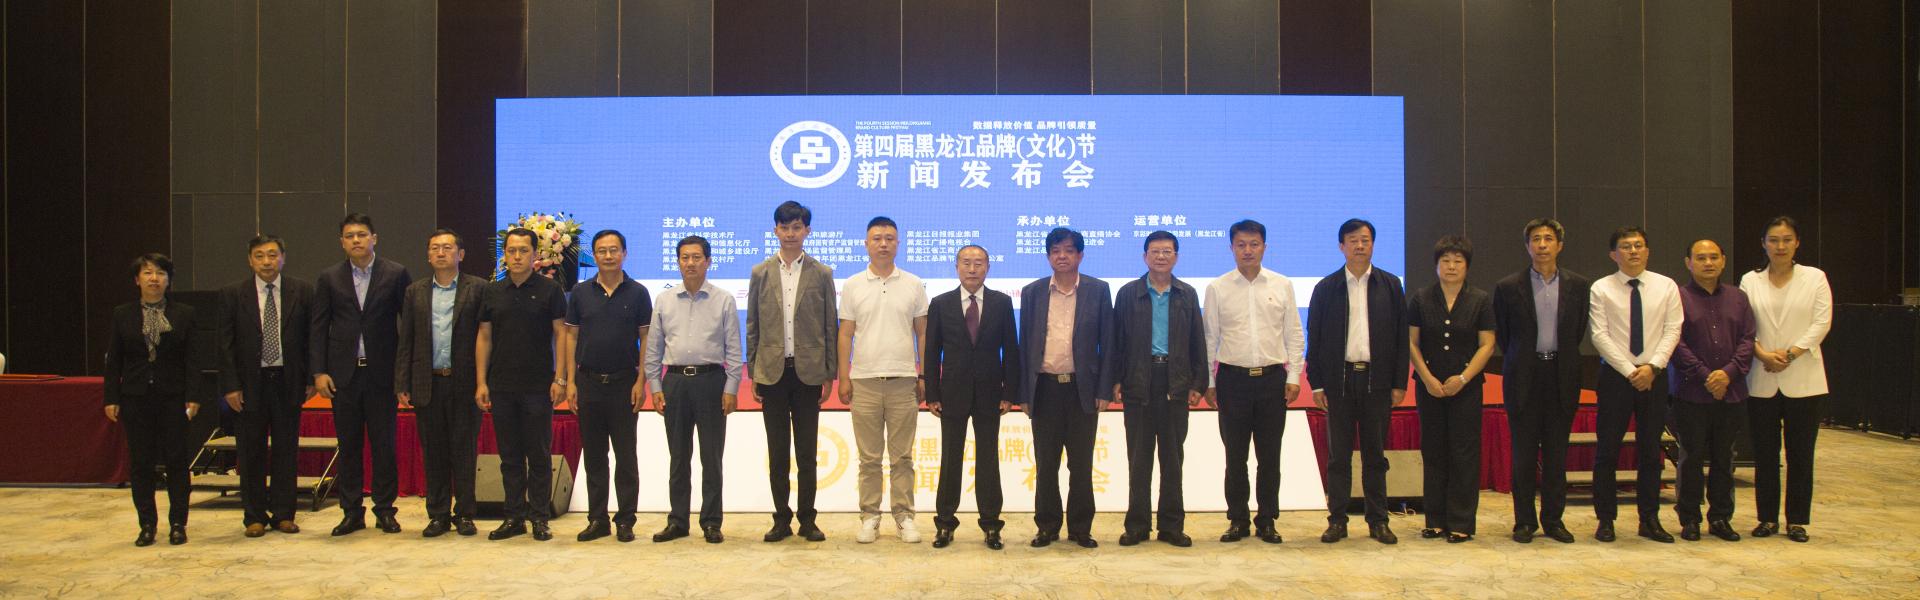 第四届黑龙江万博manbetx客户端苹果(文化)节新闻发布会参会领导合影